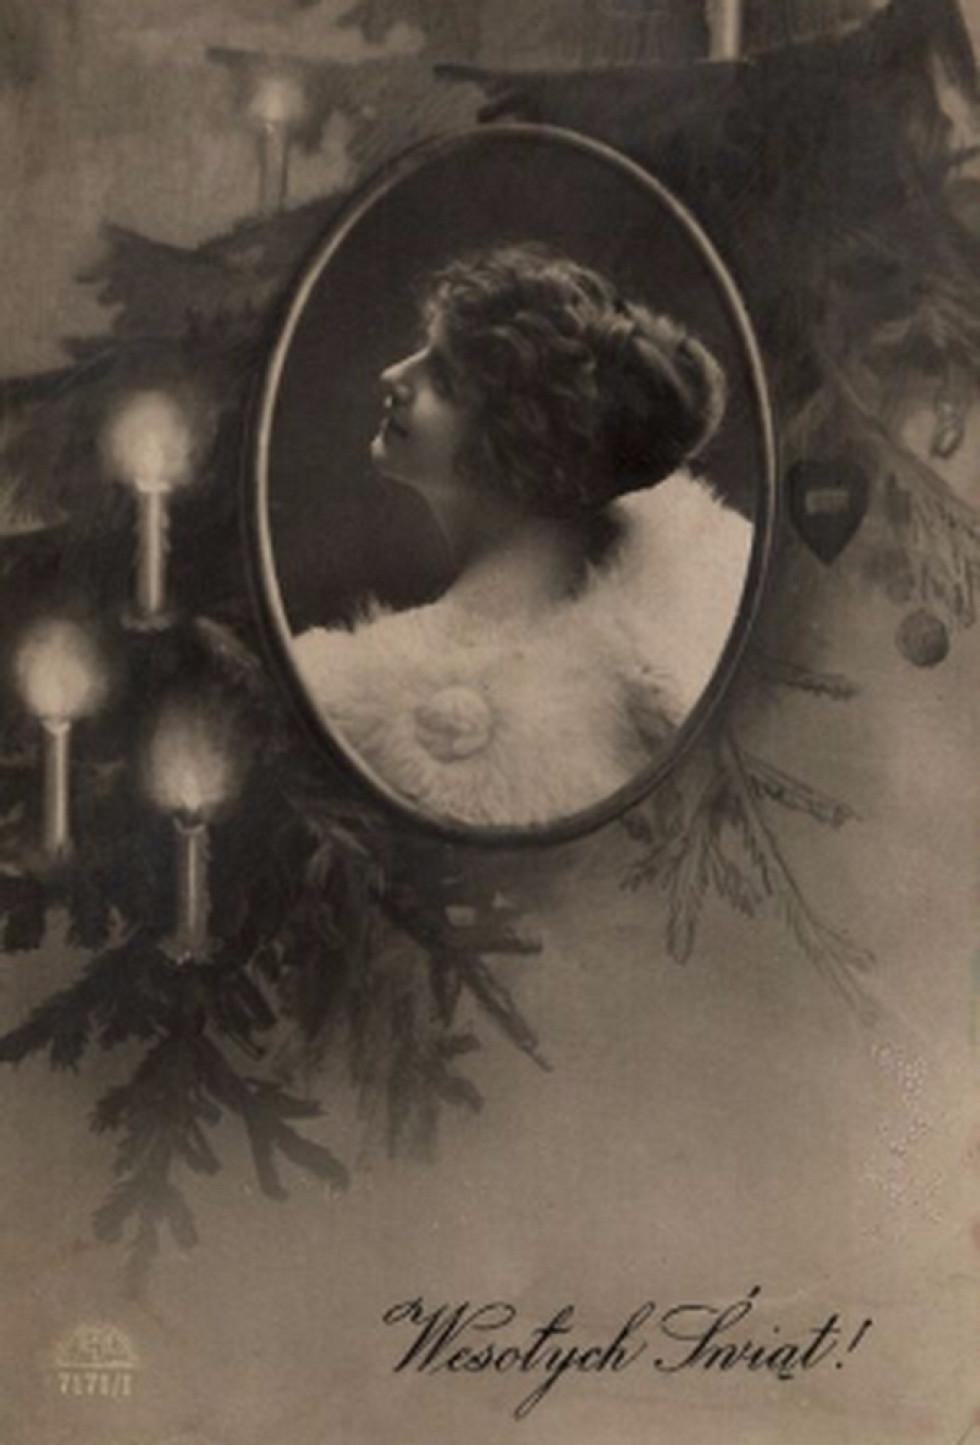 Польські різдвяно-новорічні листівки, 1920 – 1930-і роки. Це і наступні – фото з Polona.pl